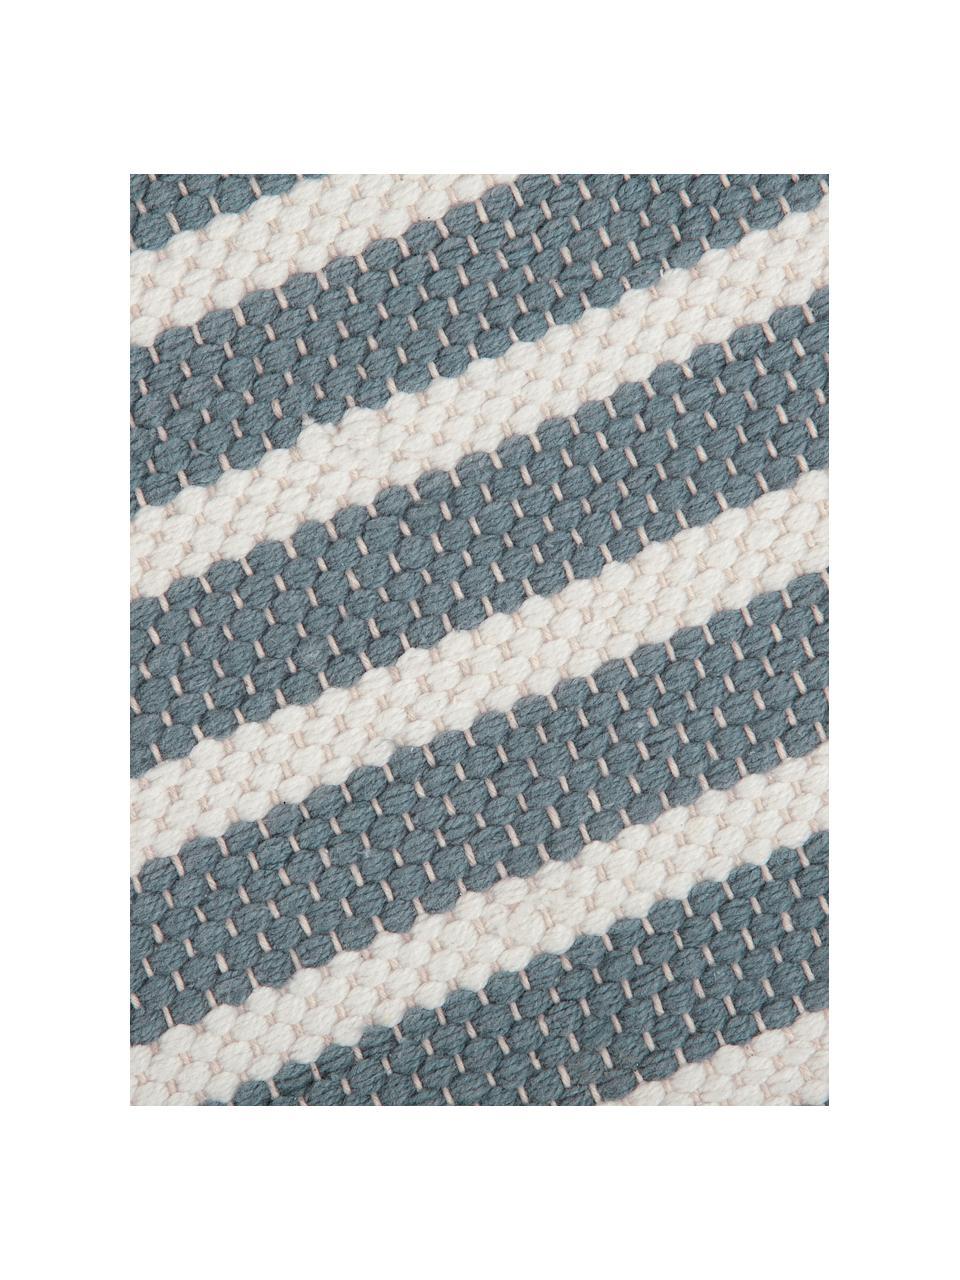 Gestreifter Badvorleger Stripes & Structure mit Fransenabschluss, 100% Baumwolle, Blau, gebrochenes Weiß, 60 x 100 cm